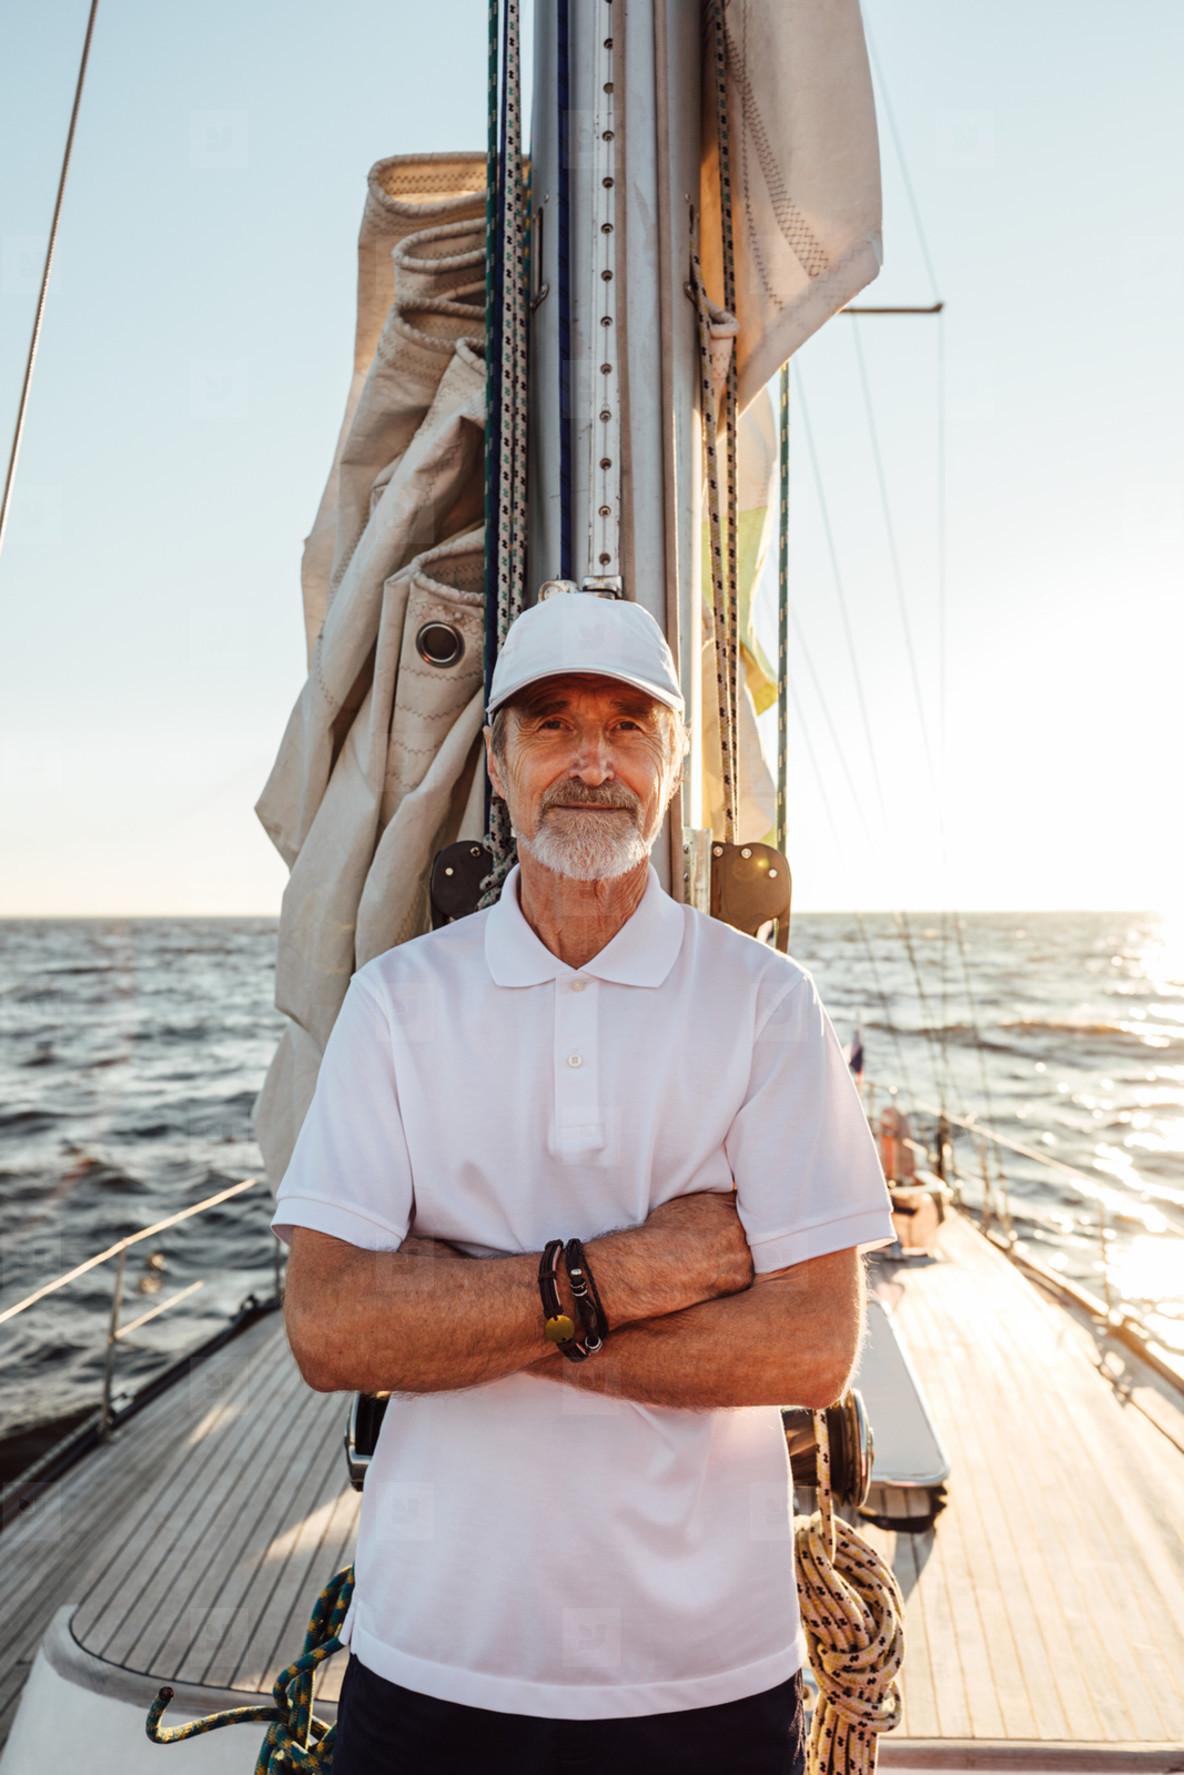 Portrait of a mature captain